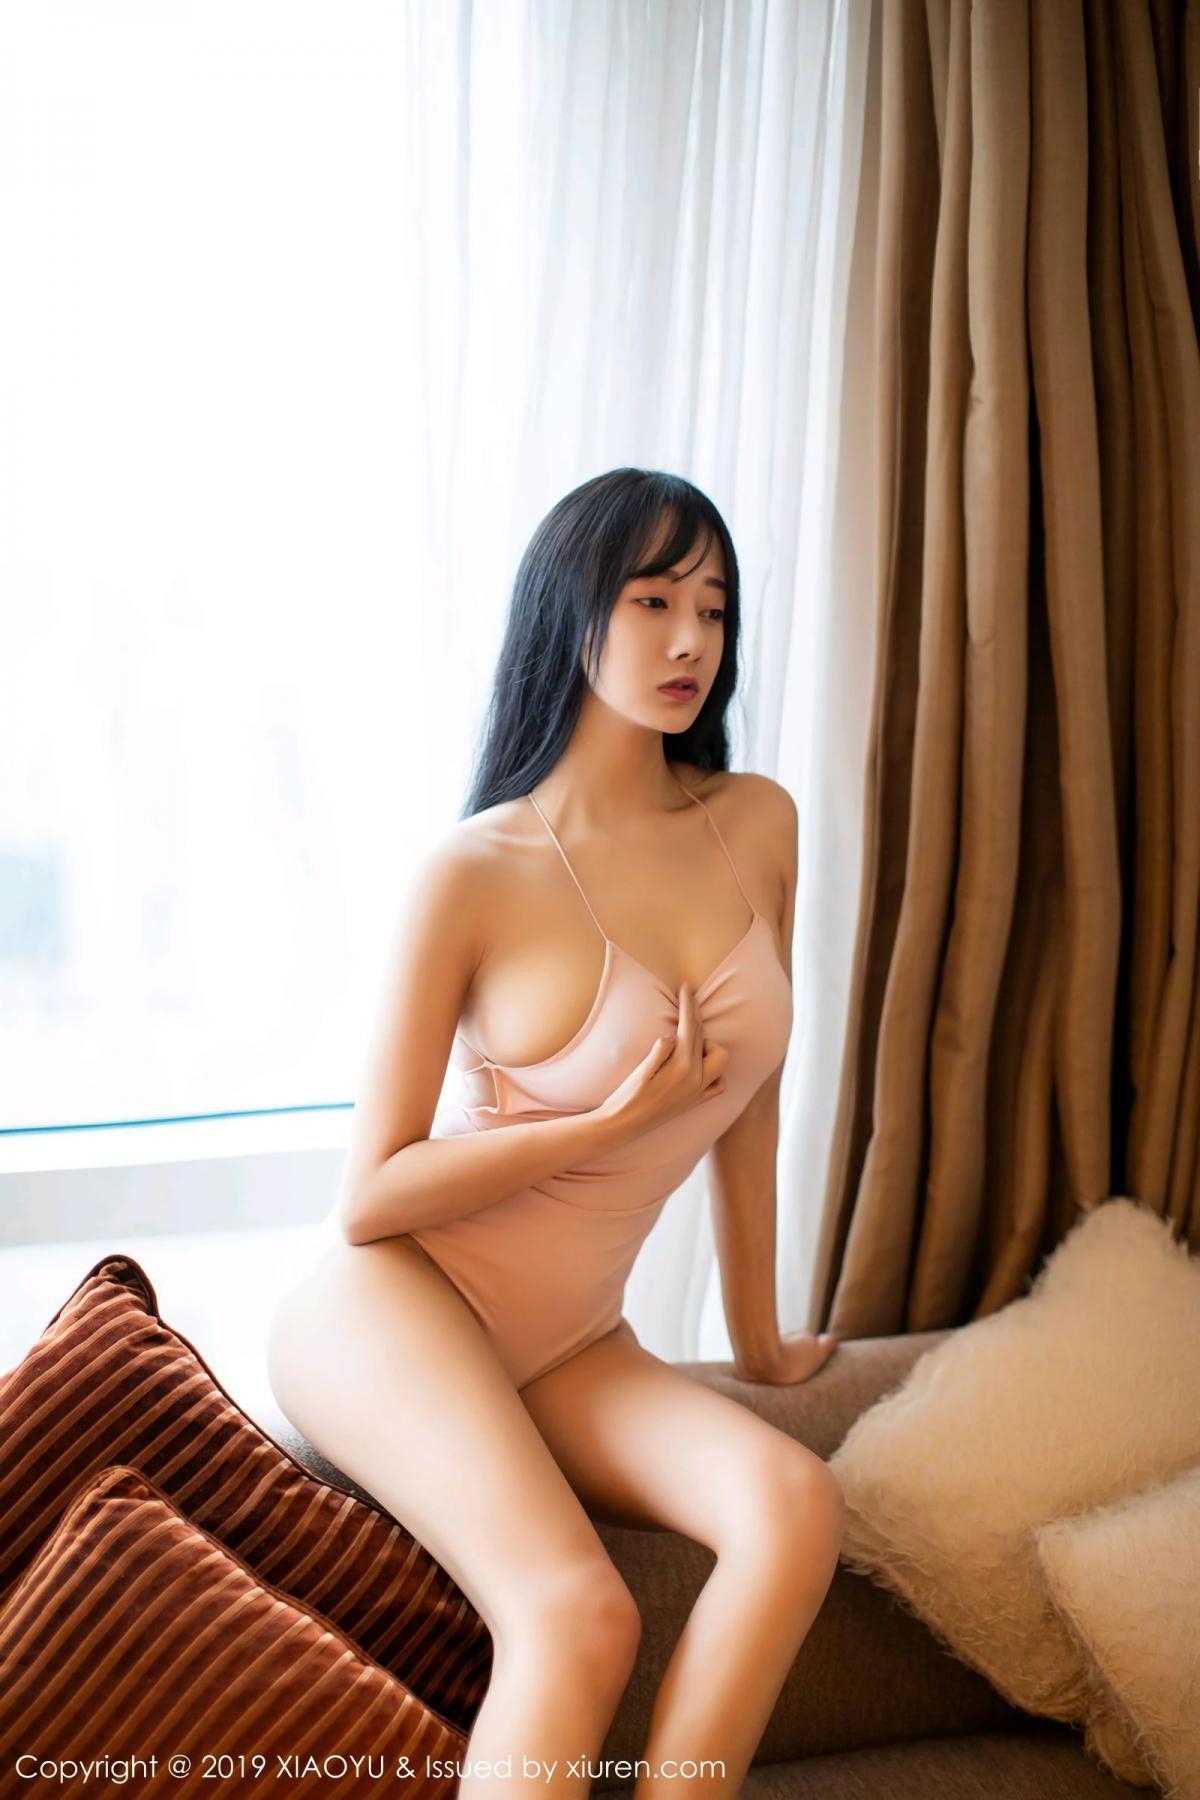 [XiaoYu] Vol.097 He Jia Ying 19P, He Jia Ying, Tall, XiaoYu